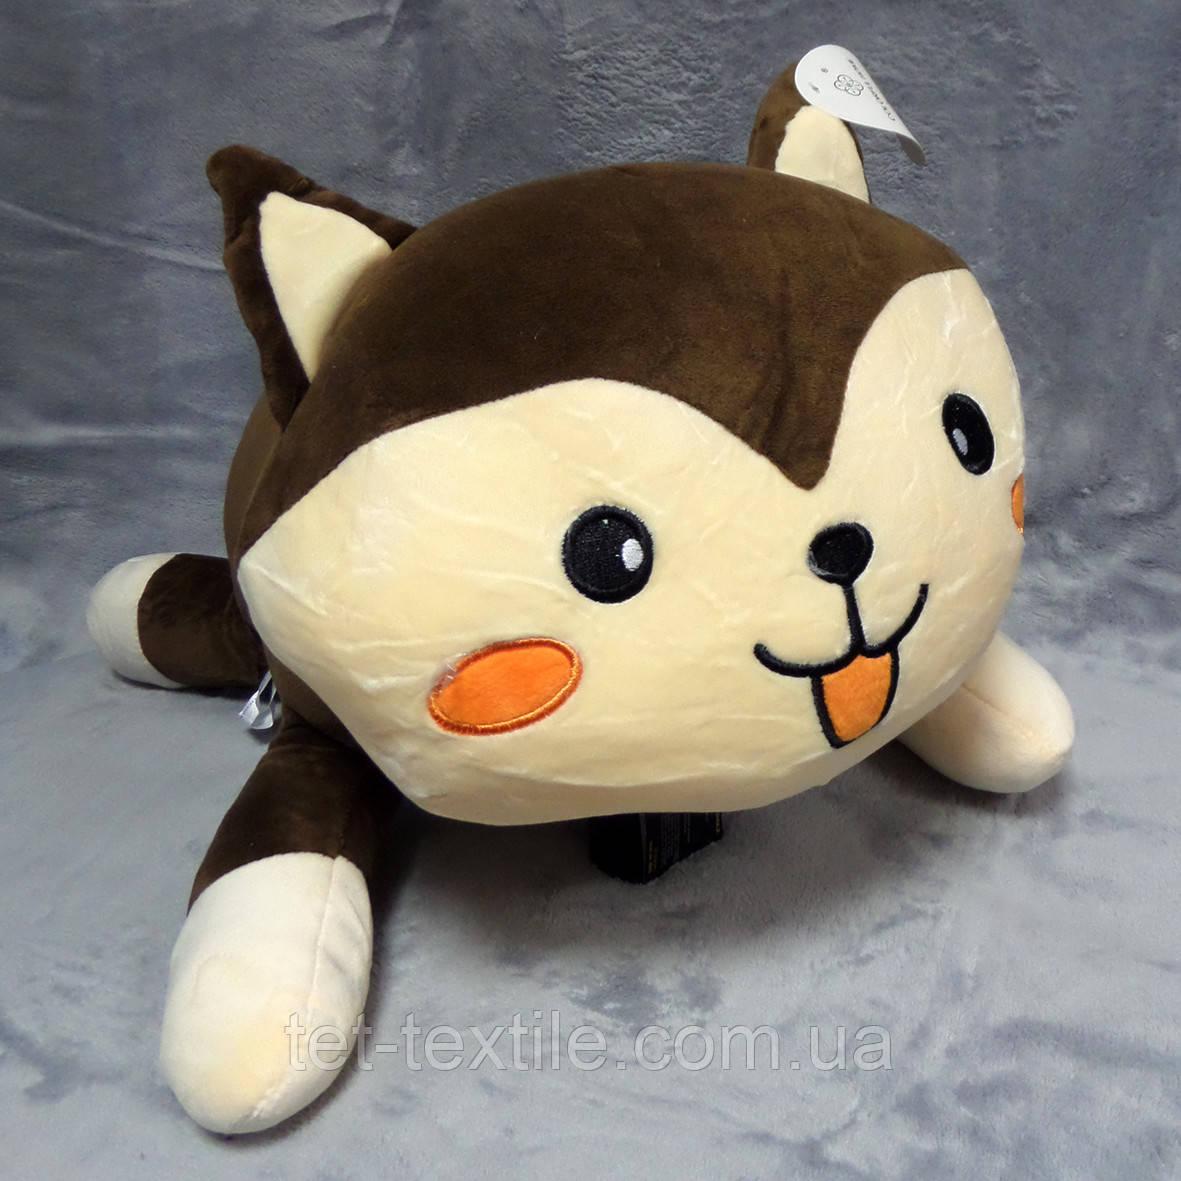 """Плед - мягкая игрушка """"Котик коричневый"""""""